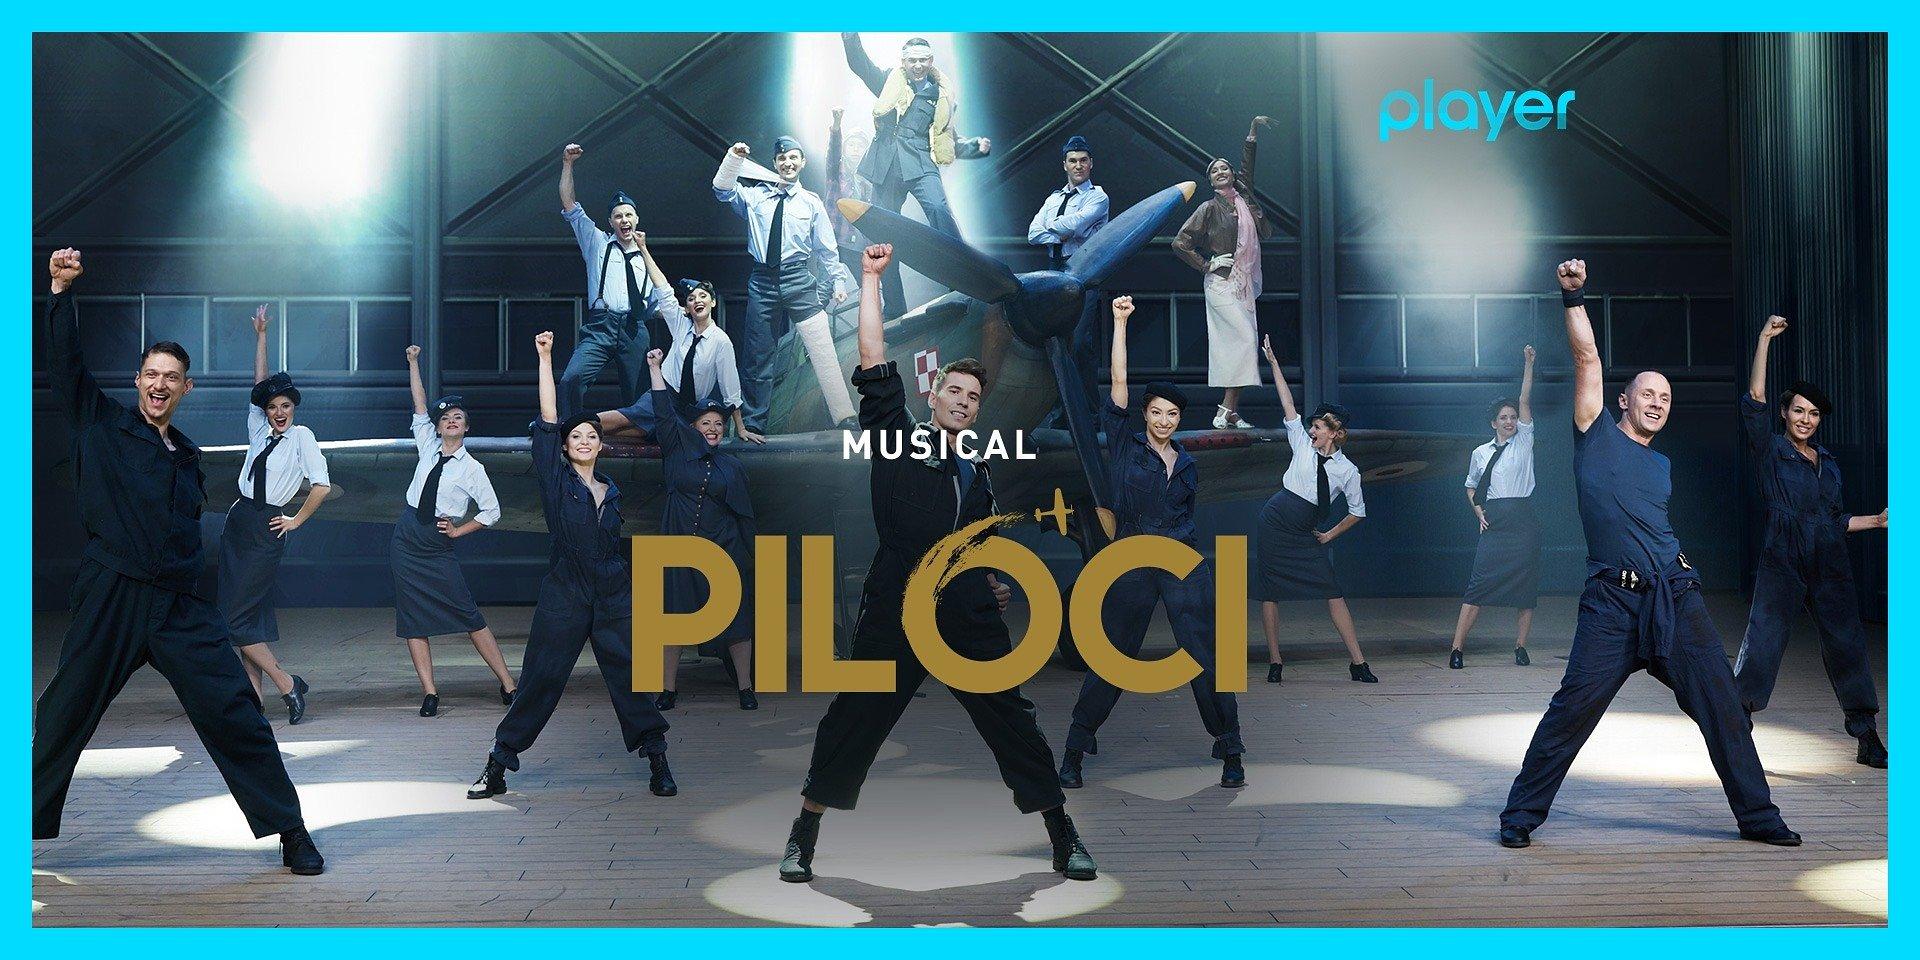 """Spektakl """"Piloci"""" od 24 kwietnia tylko w Playerze!"""